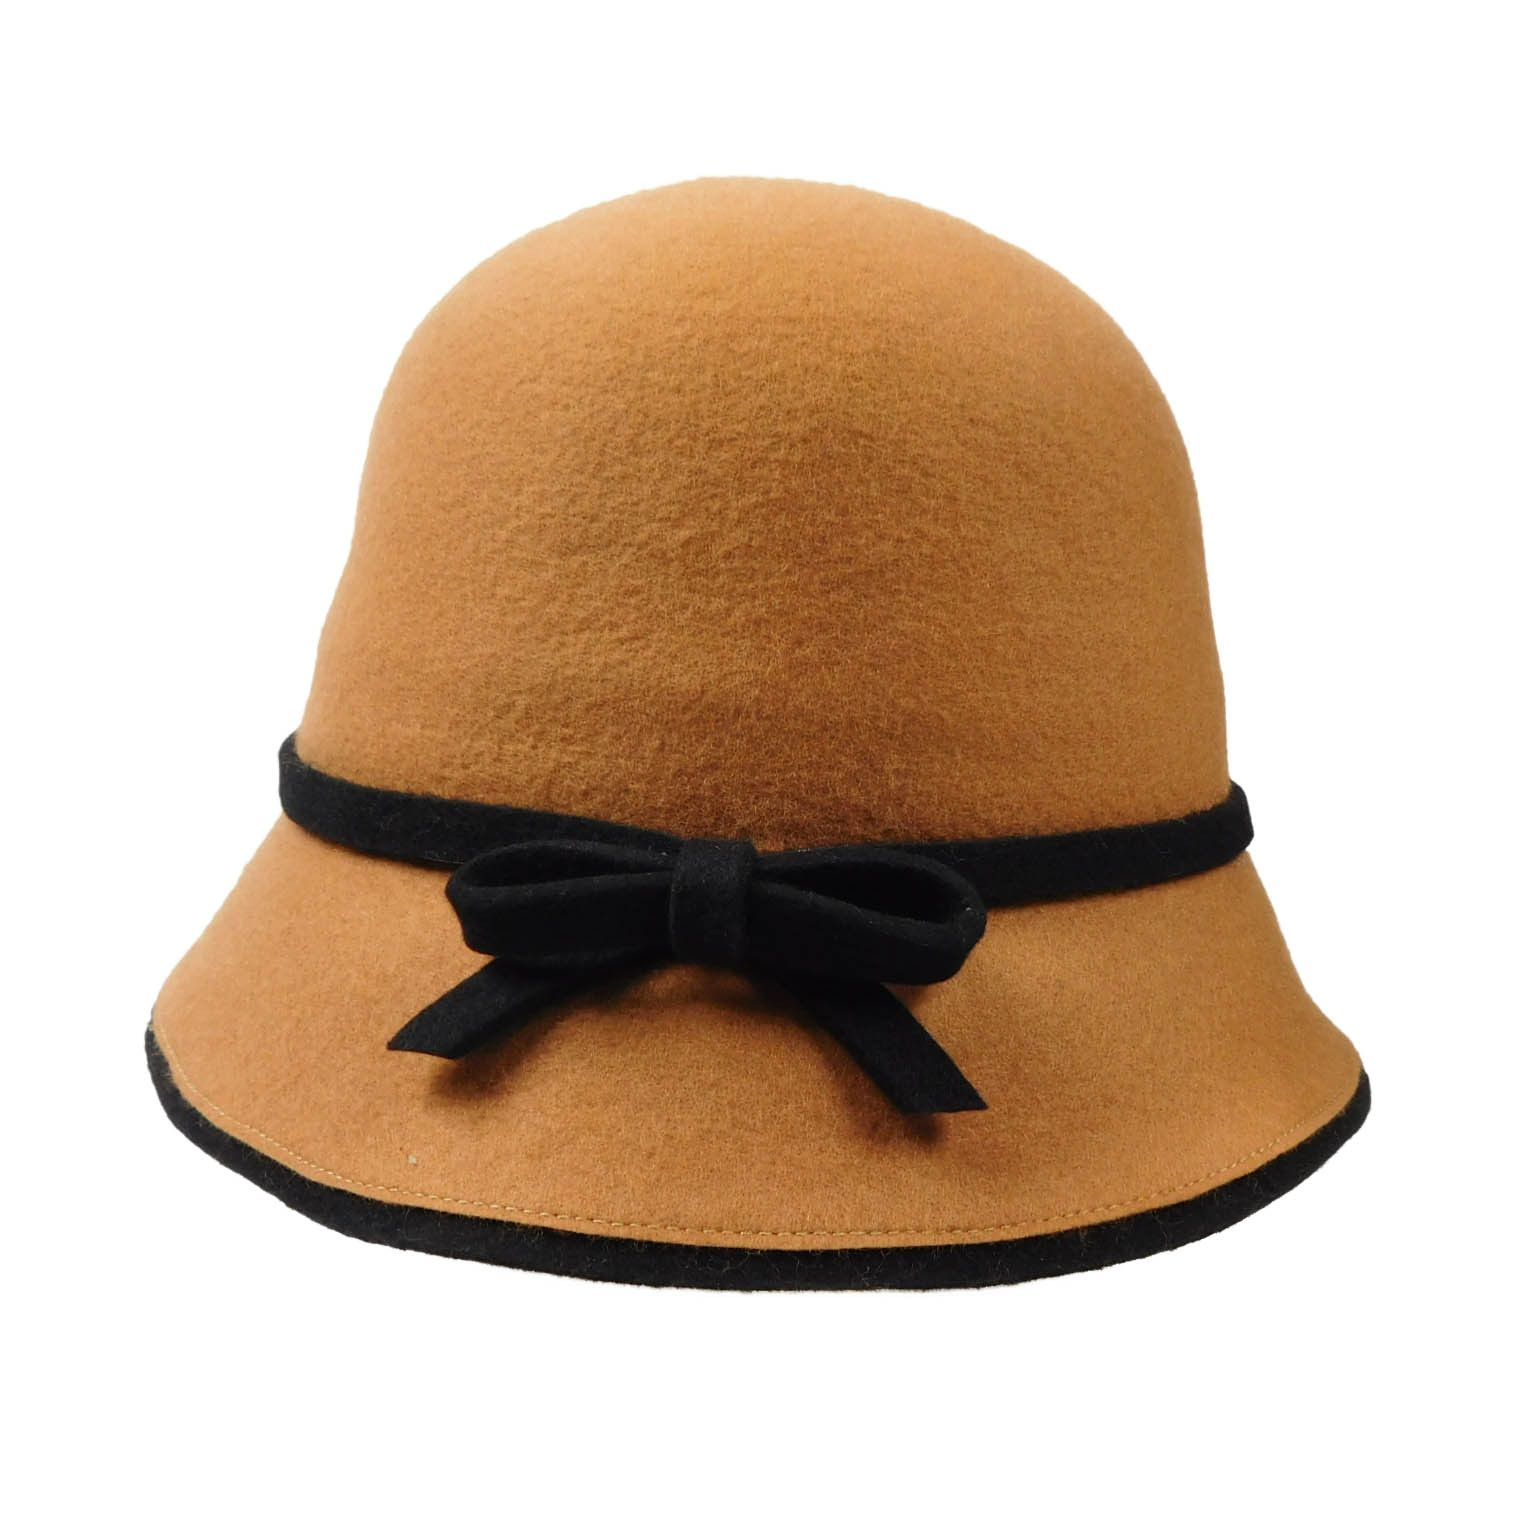 Wool Felt Cloche/Bucket Hat | Cloche Hat | Hats, British ...